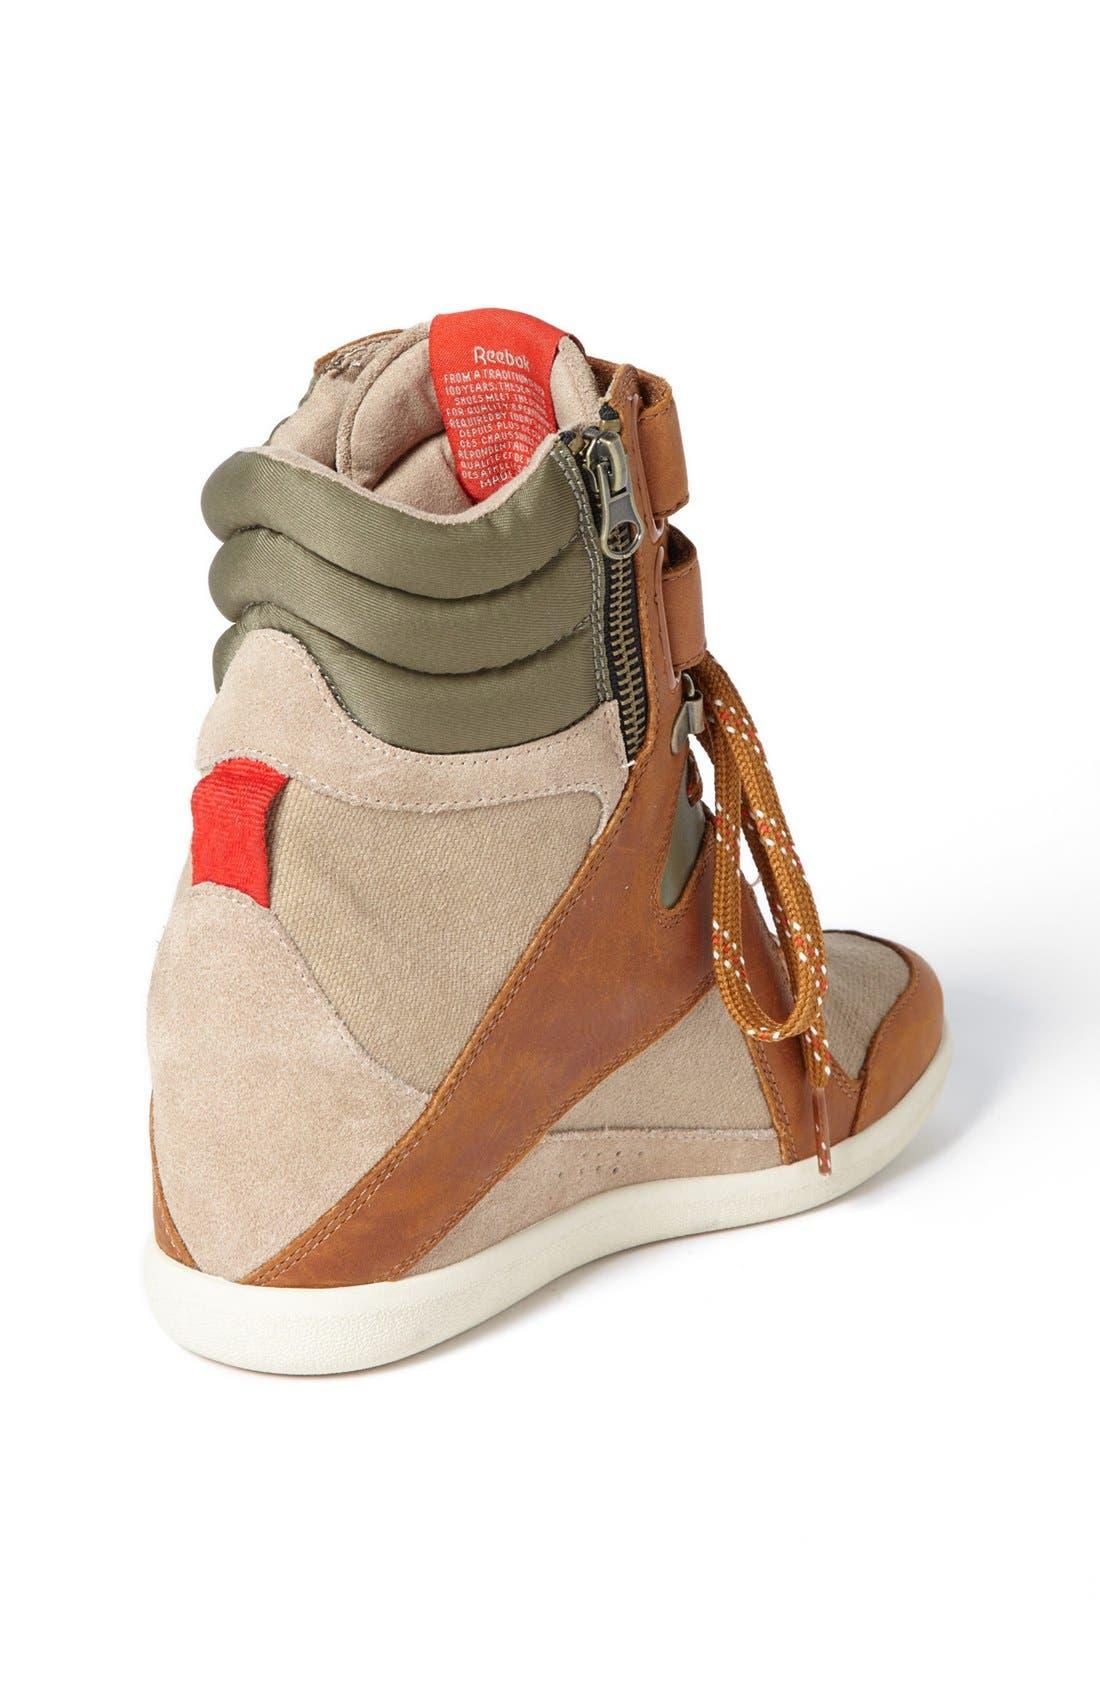 Alternate Image 2  - Reebok 'Wedge A. Keys' Sneaker (Women)